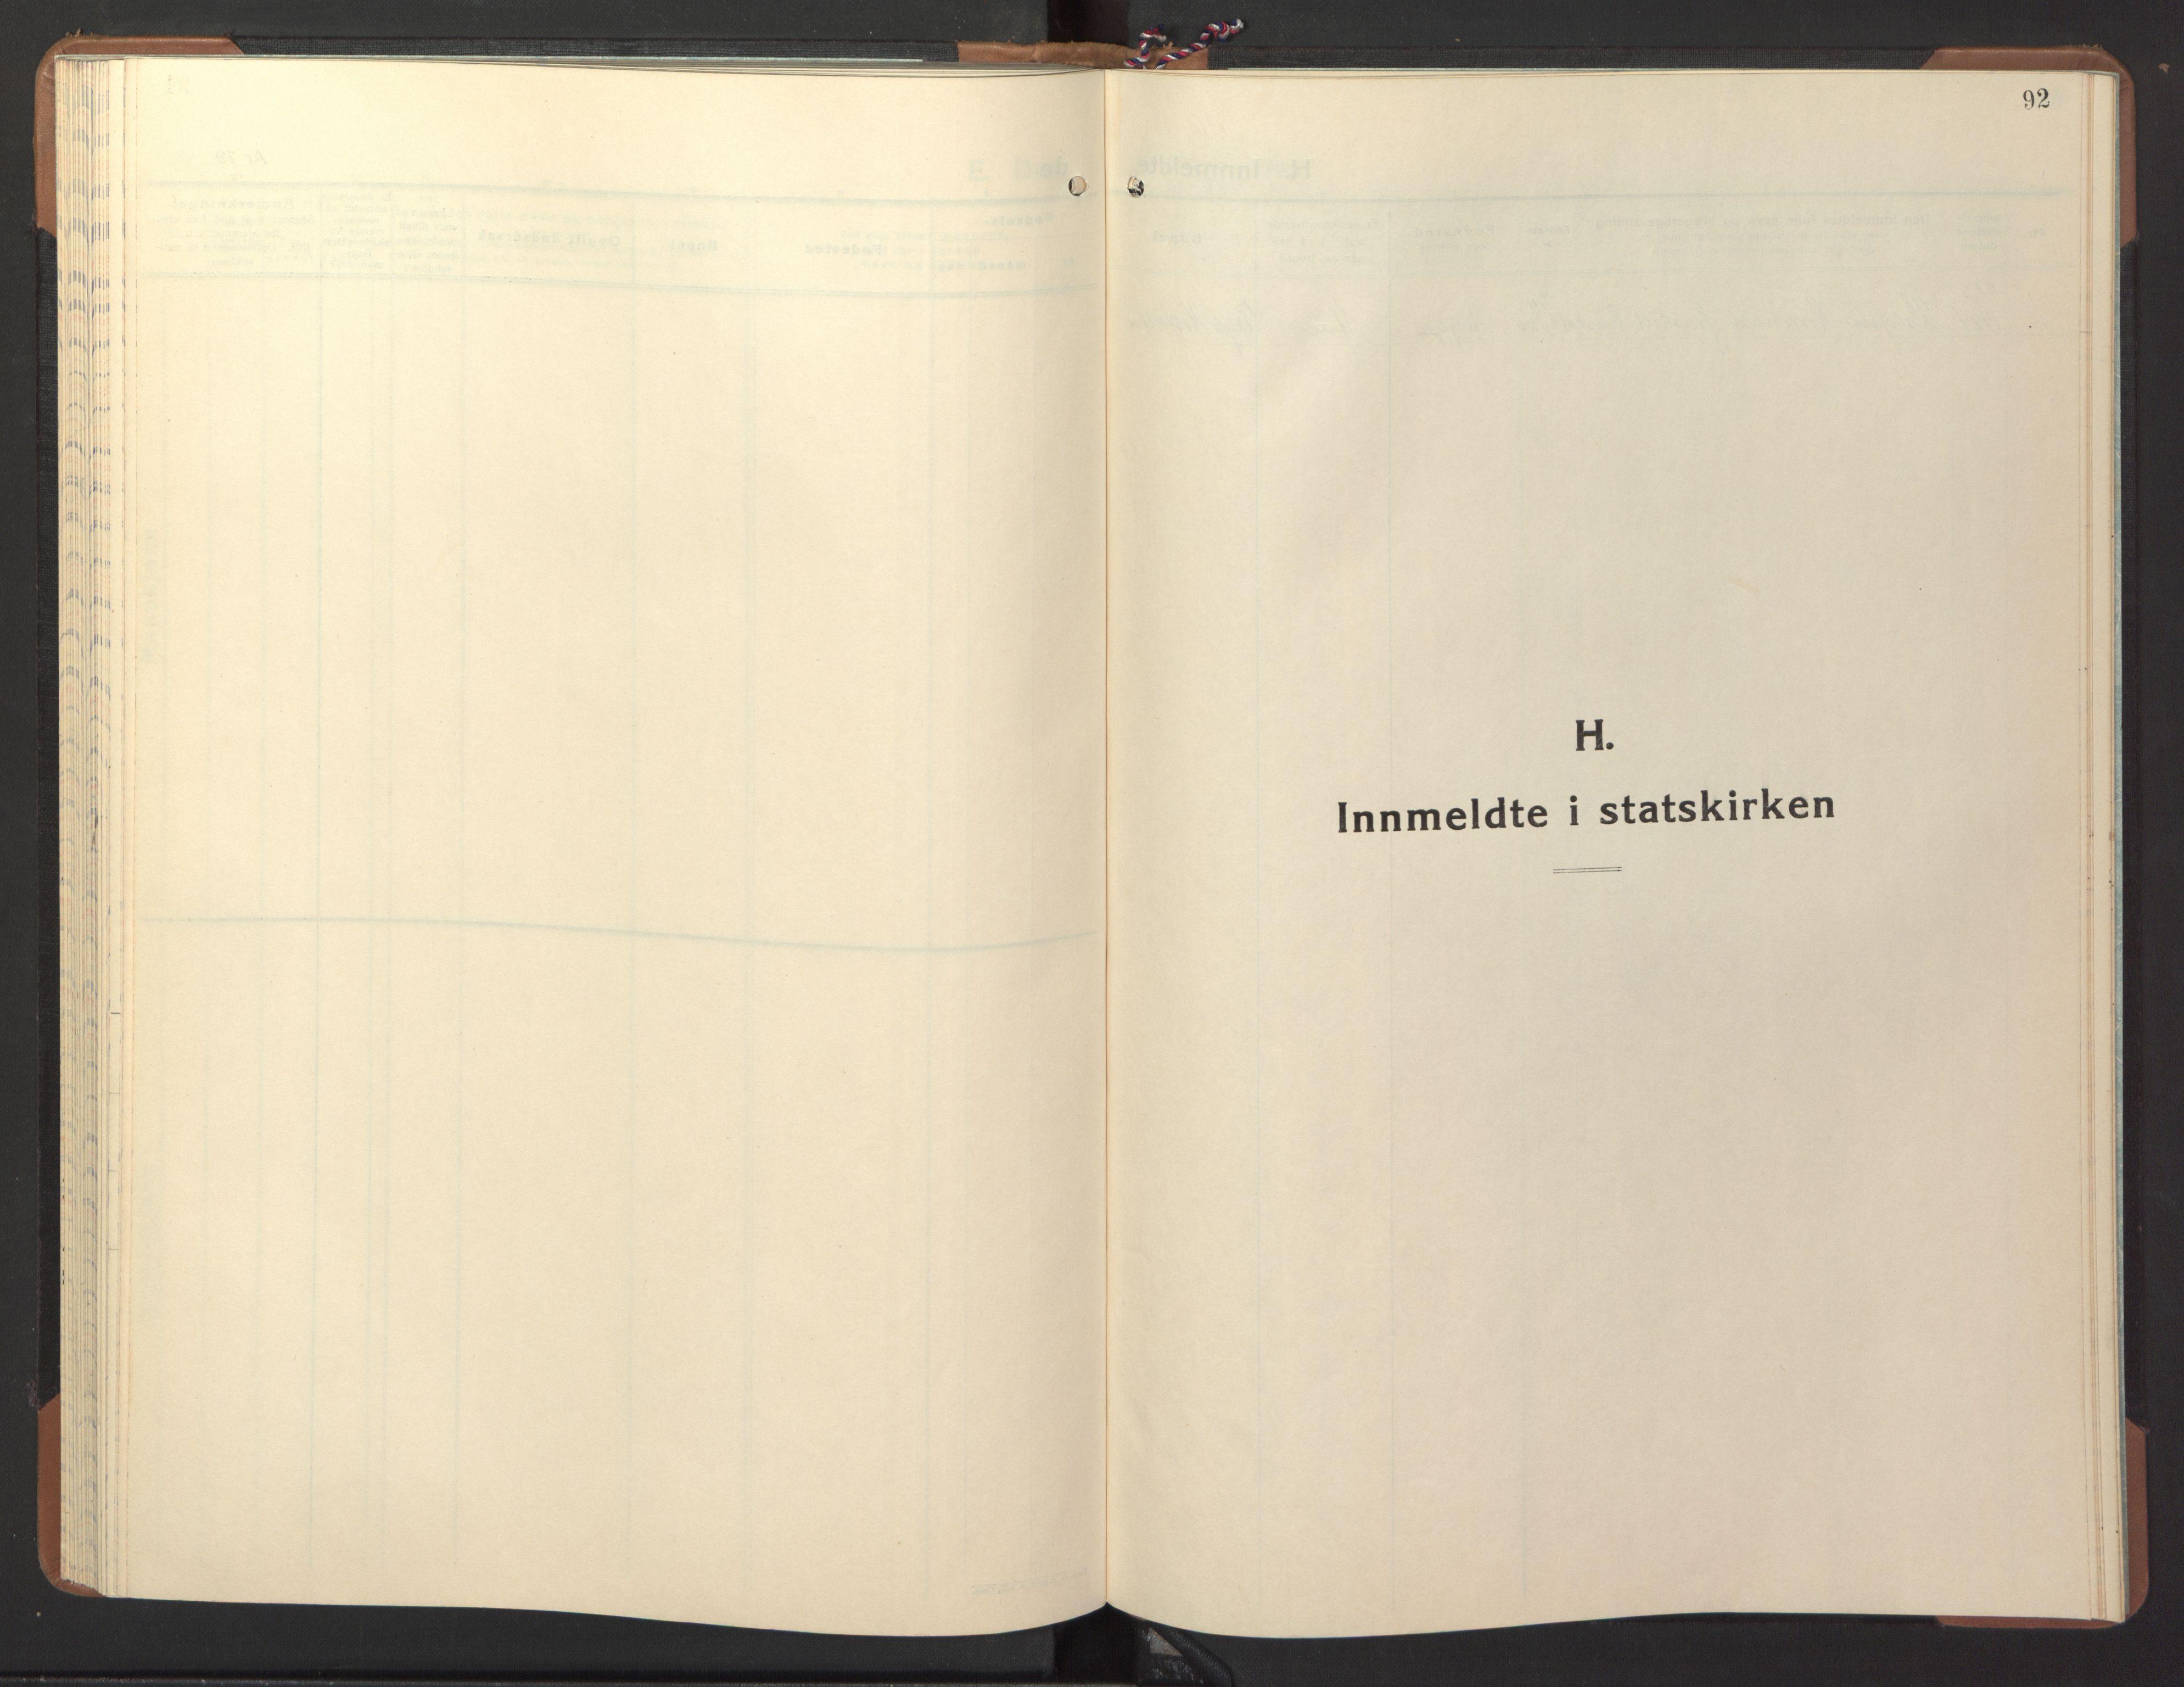 SAT, Ministerialprotokoller, klokkerbøker og fødselsregistre - Nord-Trøndelag, 746/L0456: Klokkerbok nr. 746C02, 1936-1948, s. 92